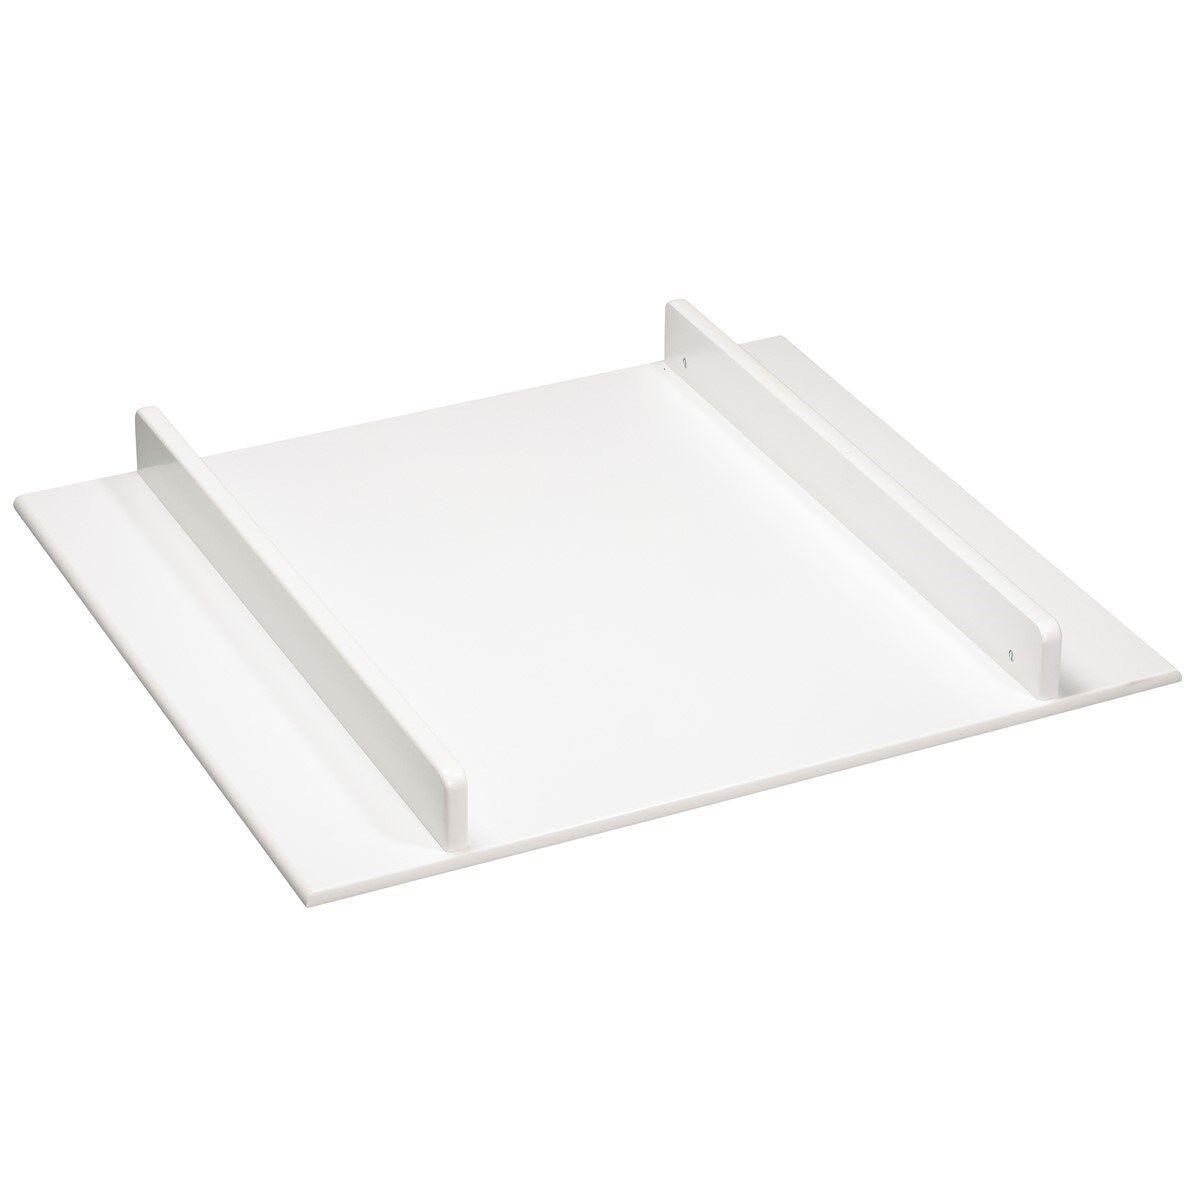 Sauthon Plan à langer pour commode en bois blanc